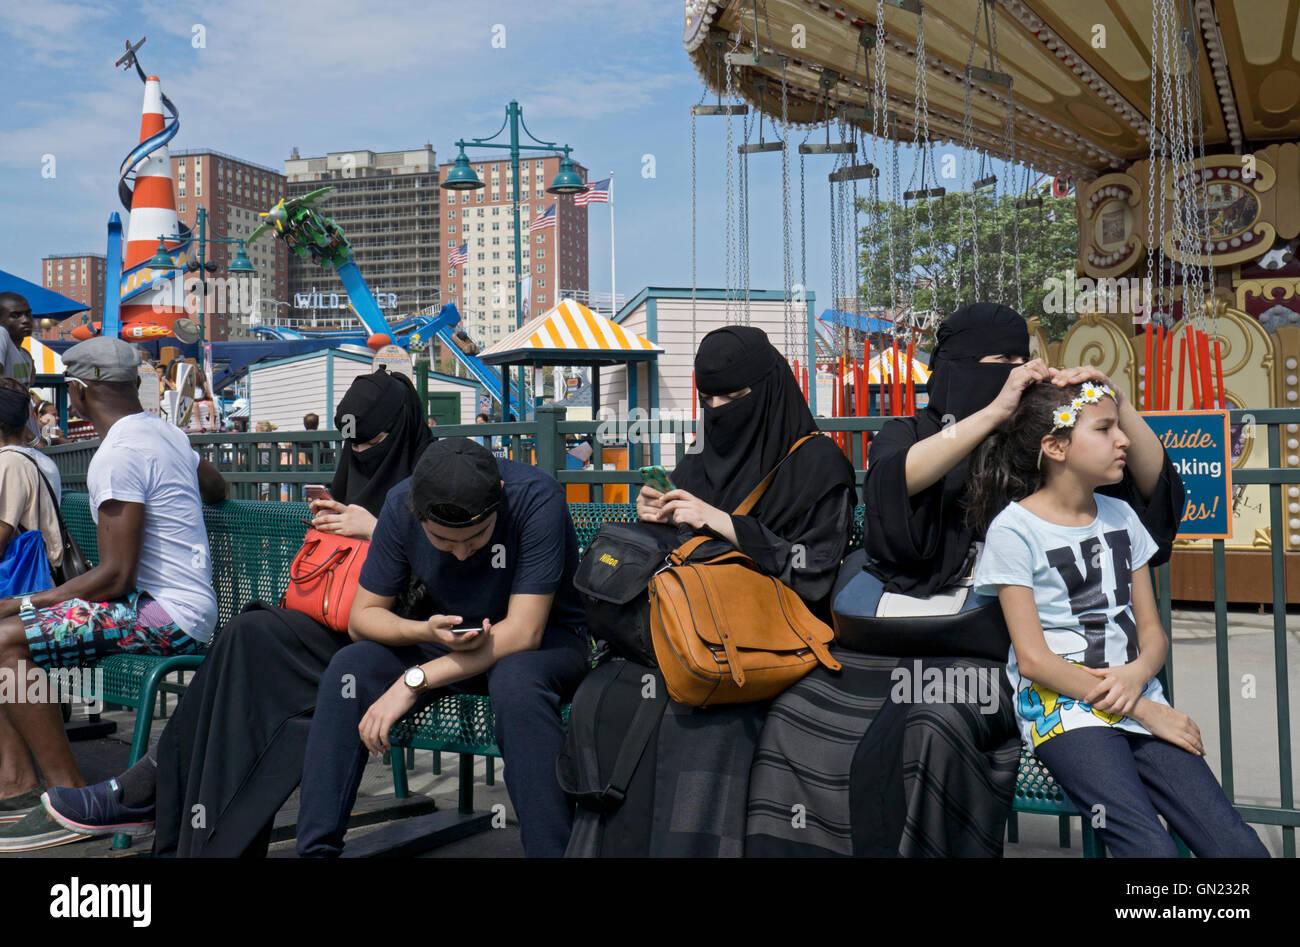 Una familia musulmana con mujeres en burkas en el Luna Park en Coney Island, Brooklyn, Nueva York. Imagen De Stock